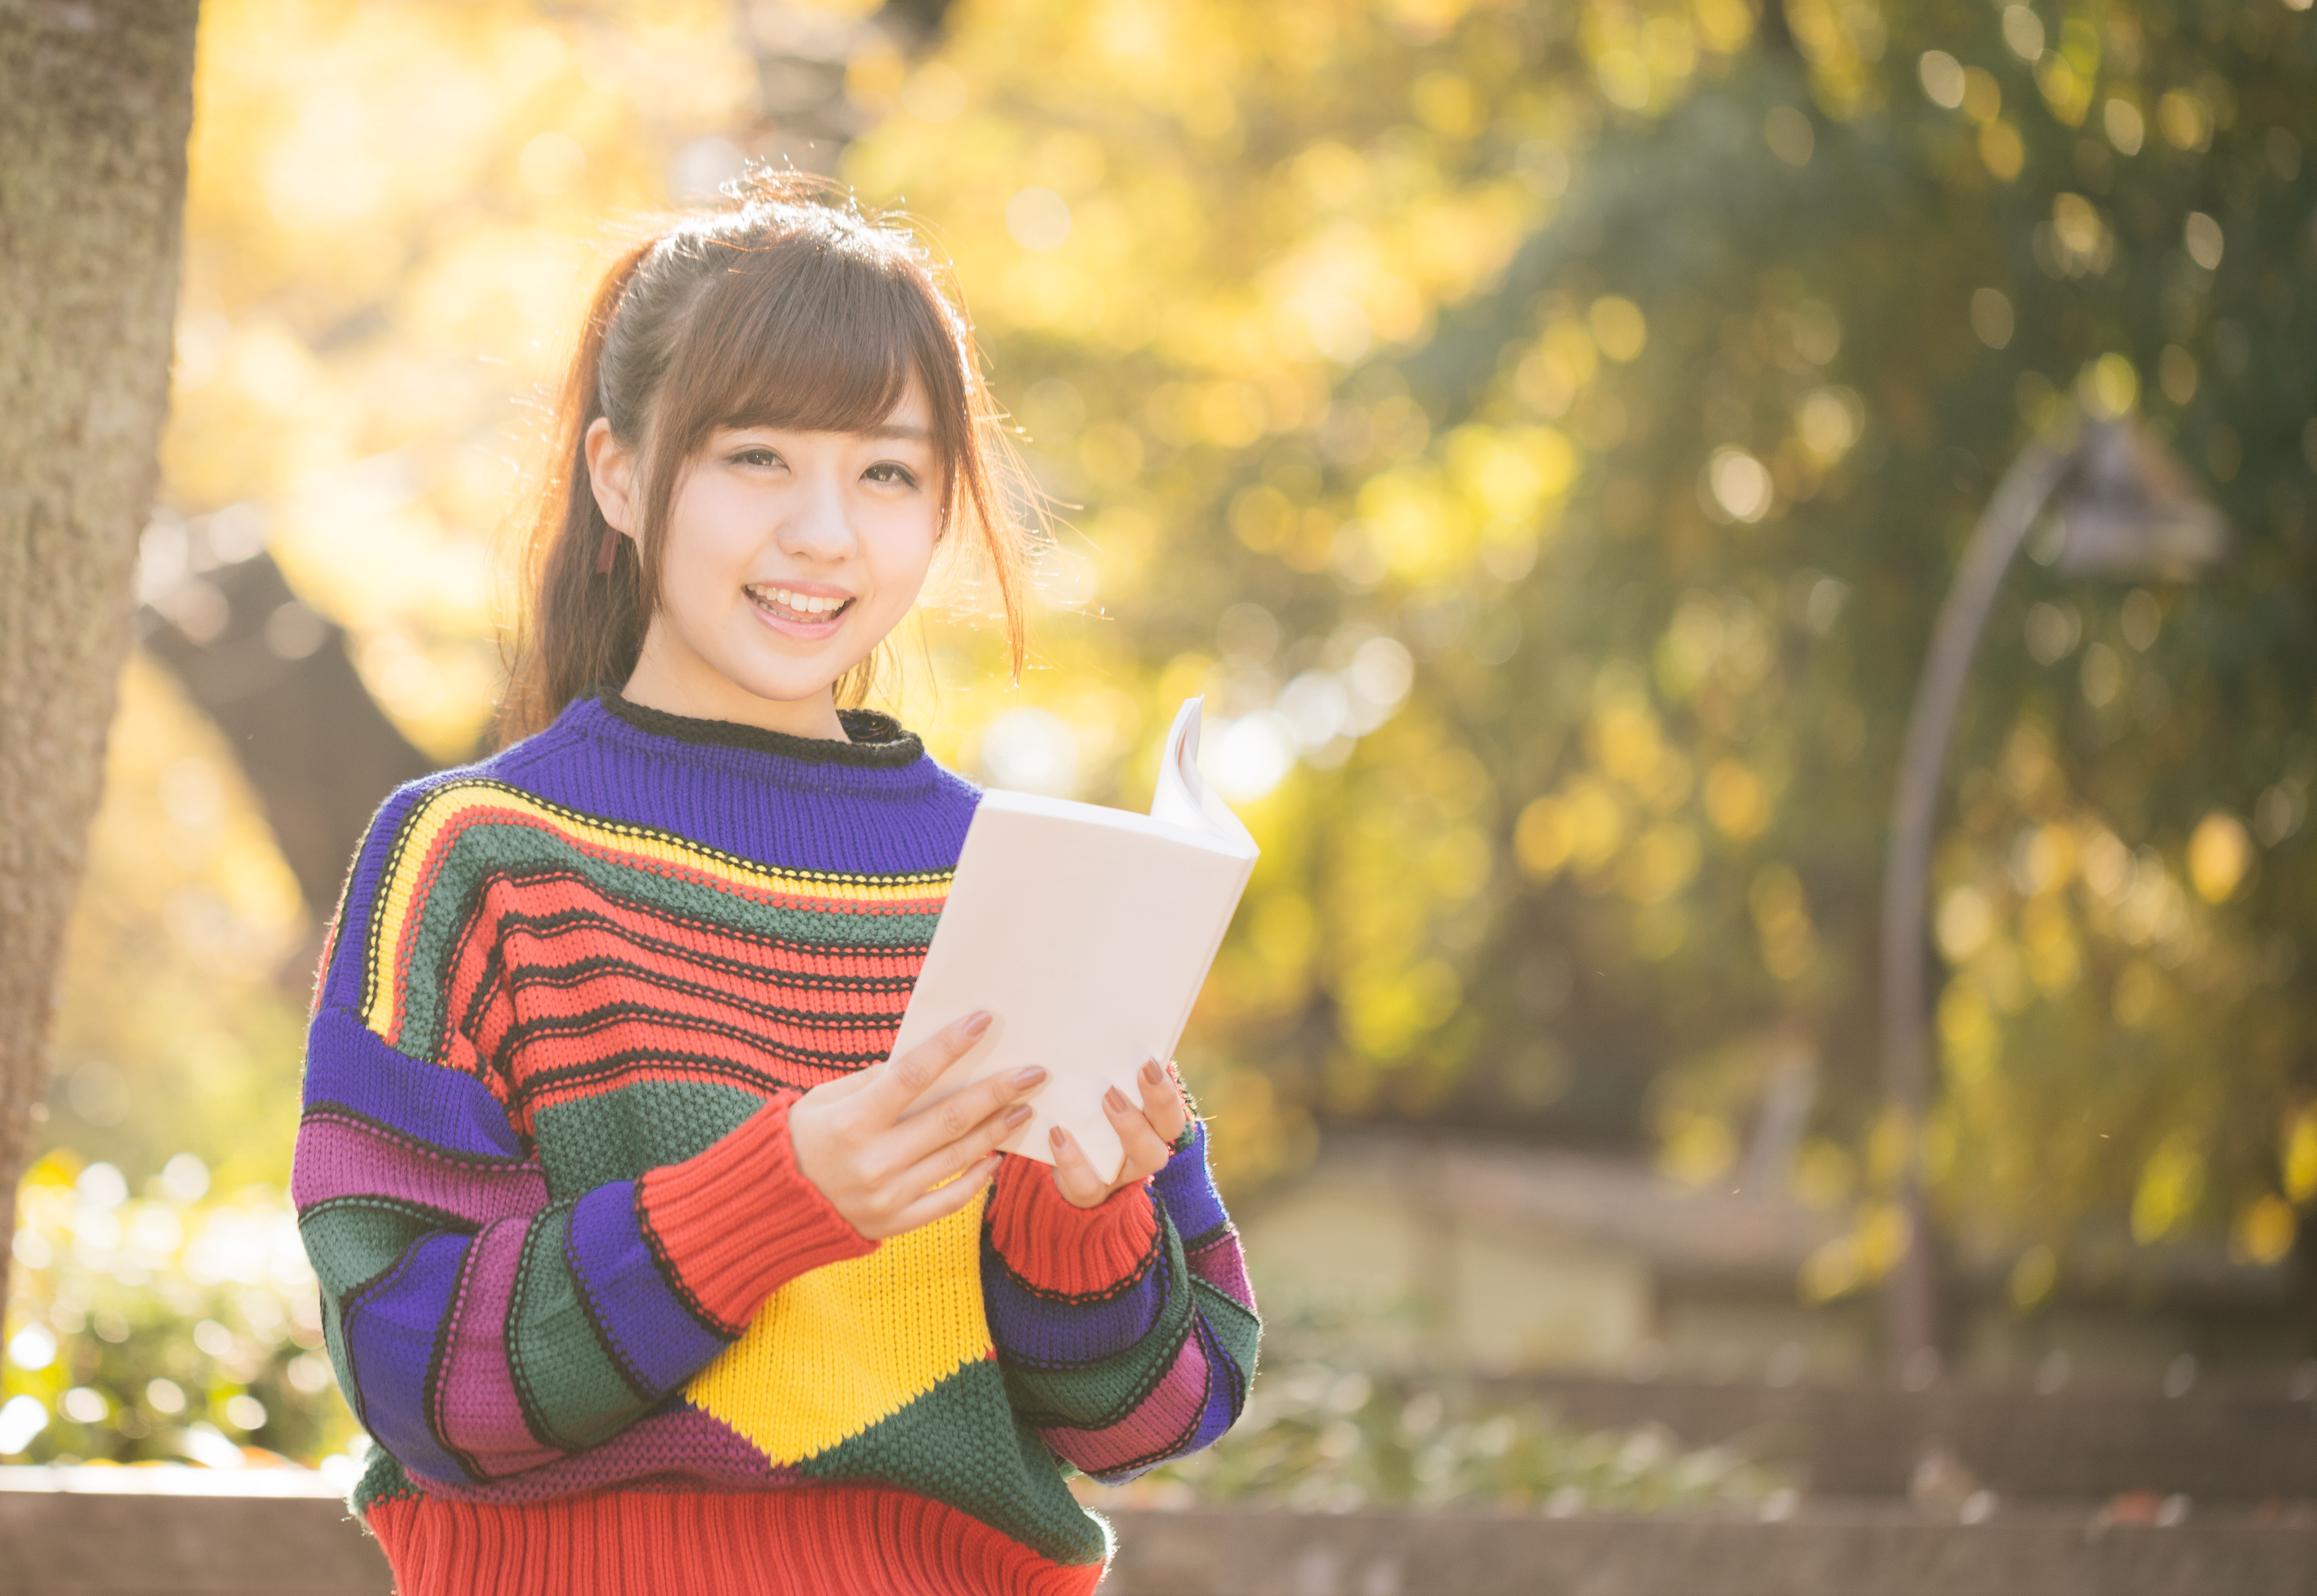 www-pakutaso-com-shared-img-thumb-yuka9v9a8498